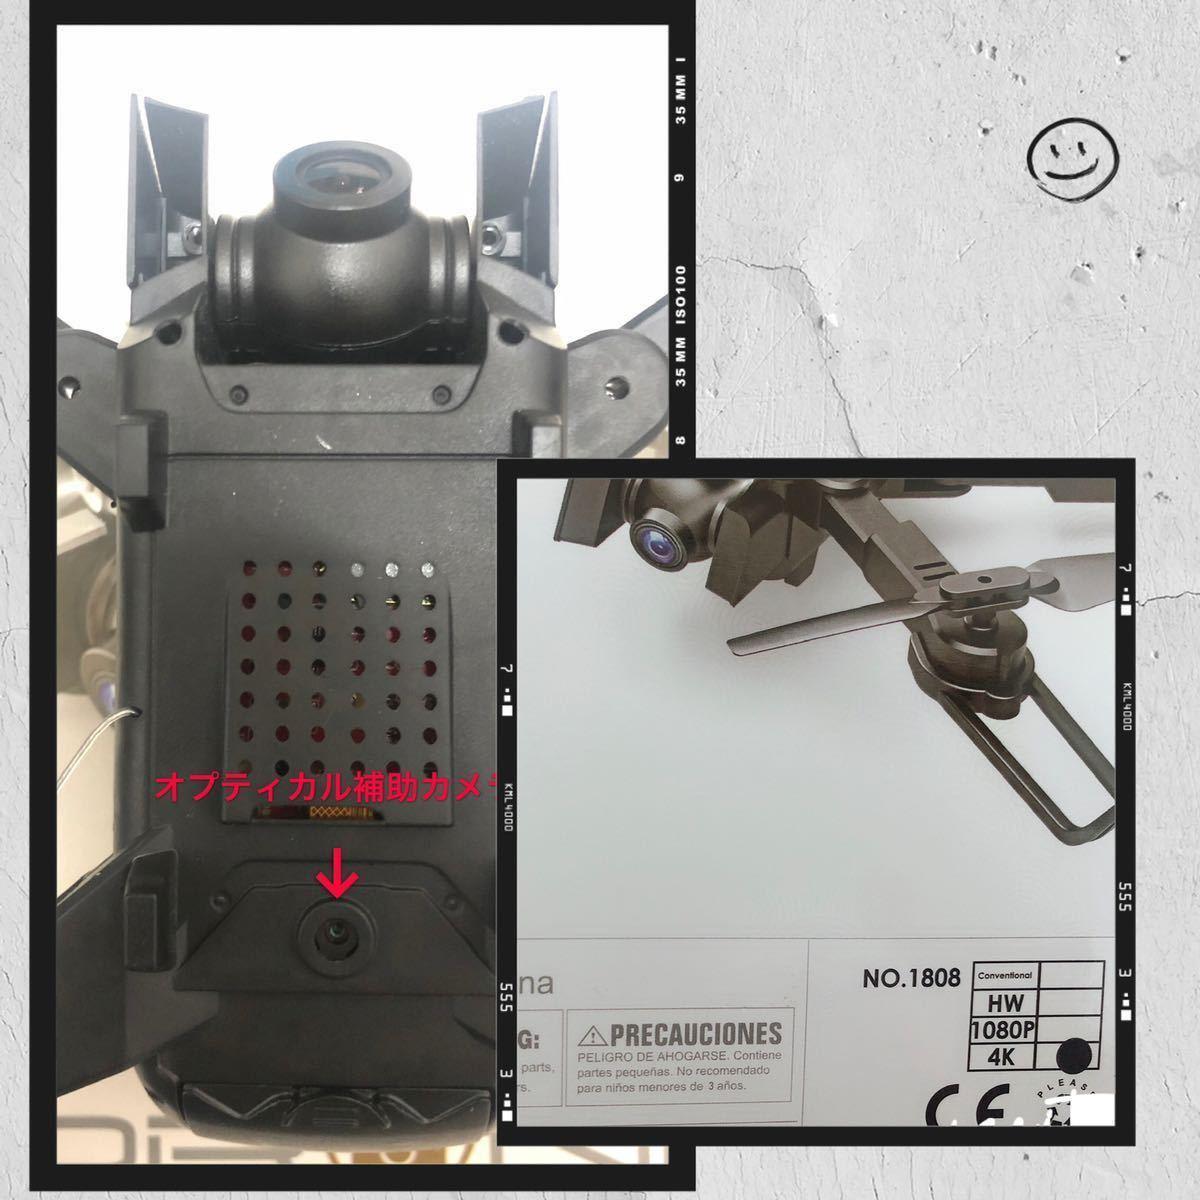 機体のみ BNF予備機 パーツ取り 送信機無し 紛失修理用 1808G 120°広角 4Kカメラ オプティカル ドローン DJI Mavicタイプ 折り畳み 規制外